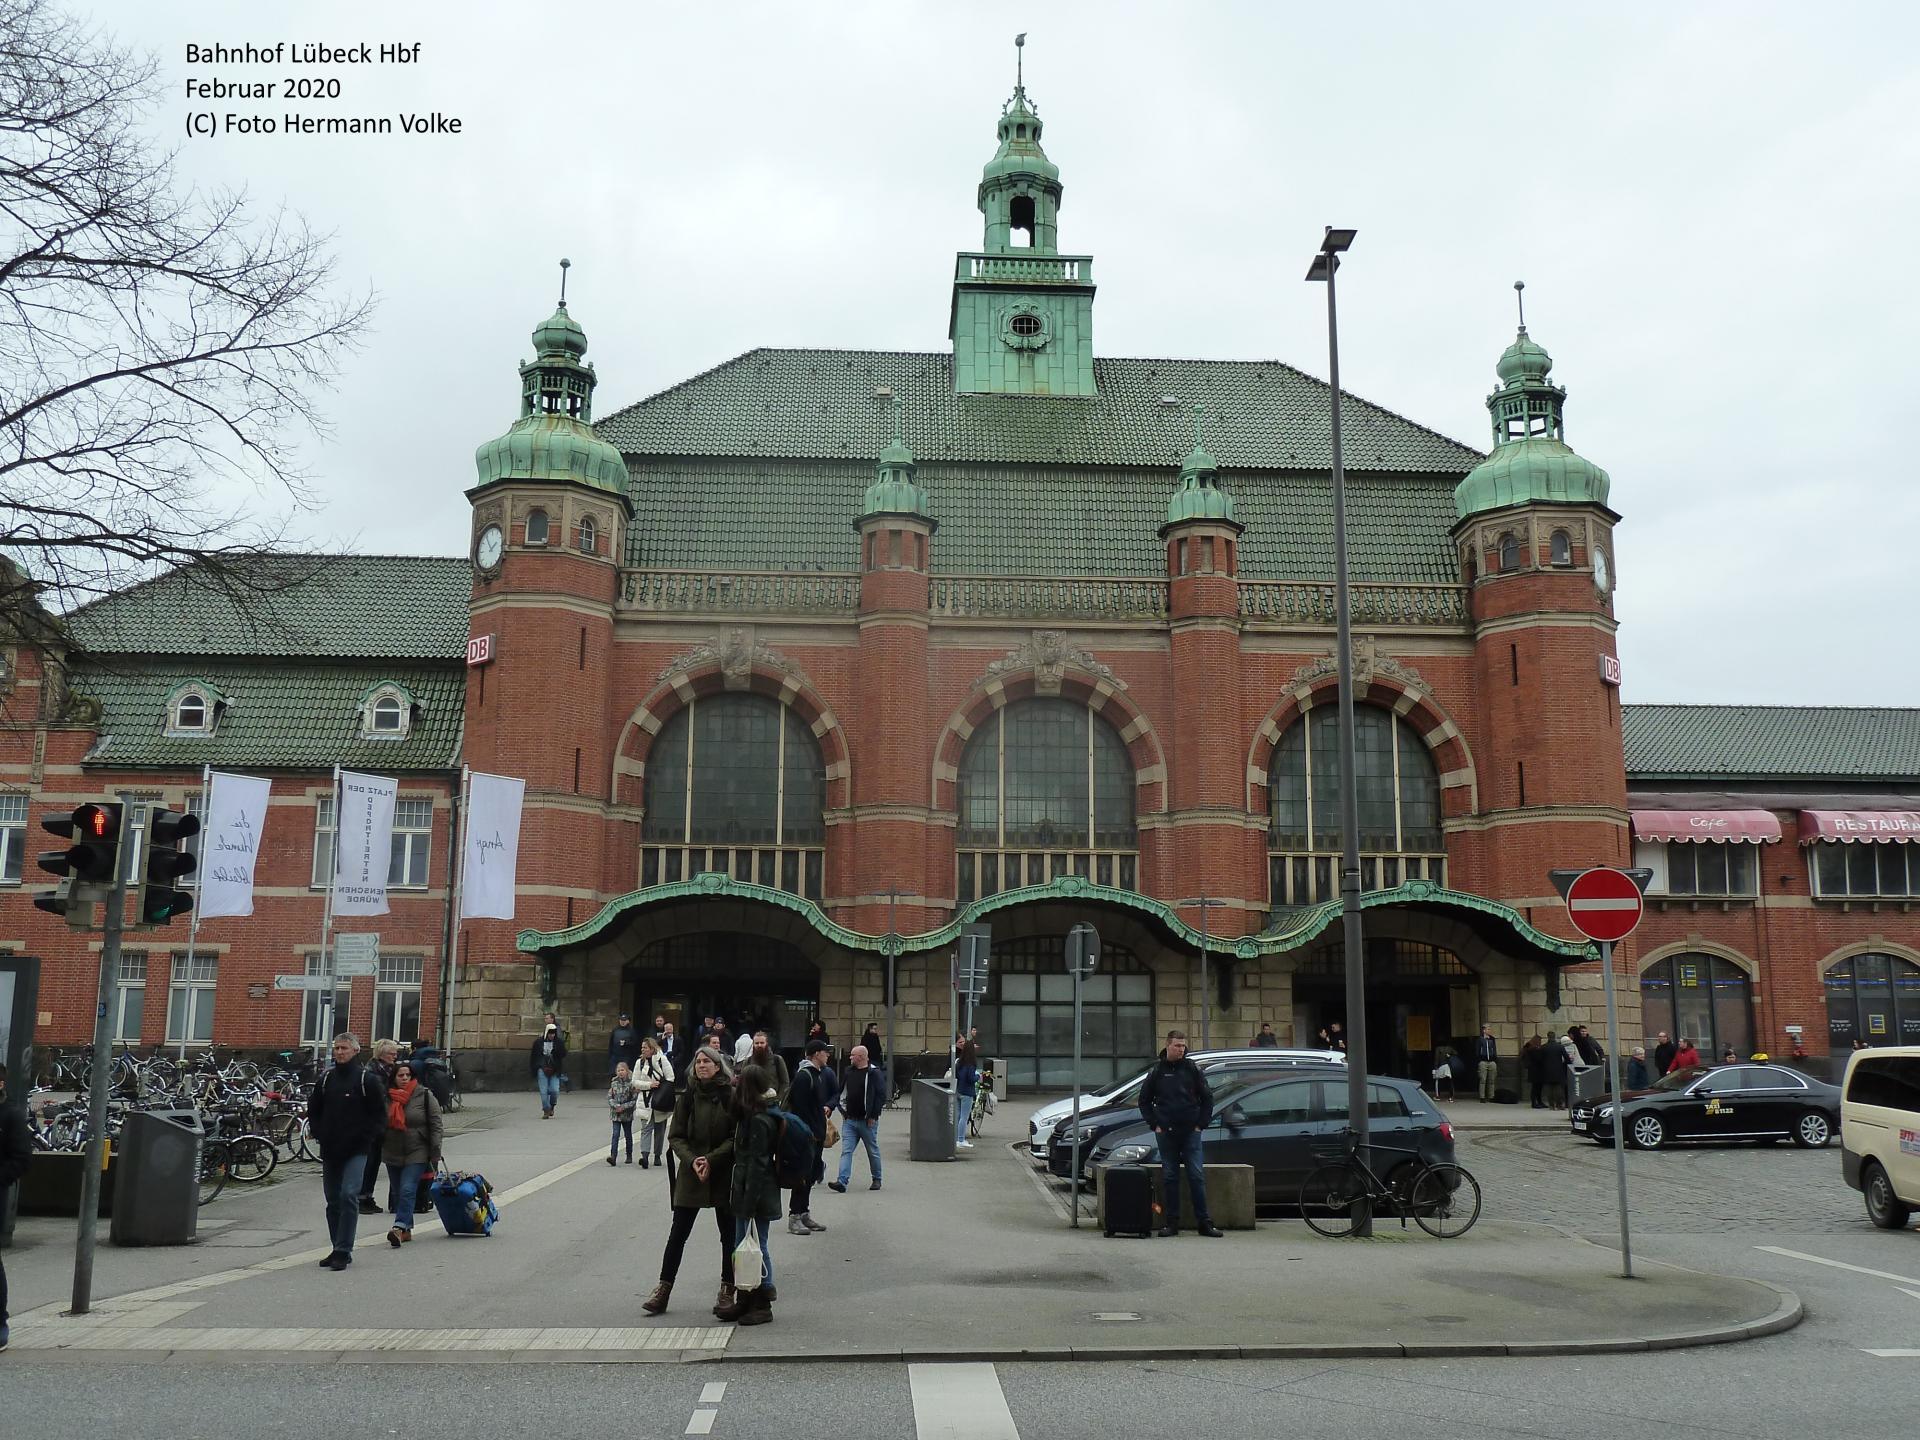 Bahnhof Lübeck Hbf